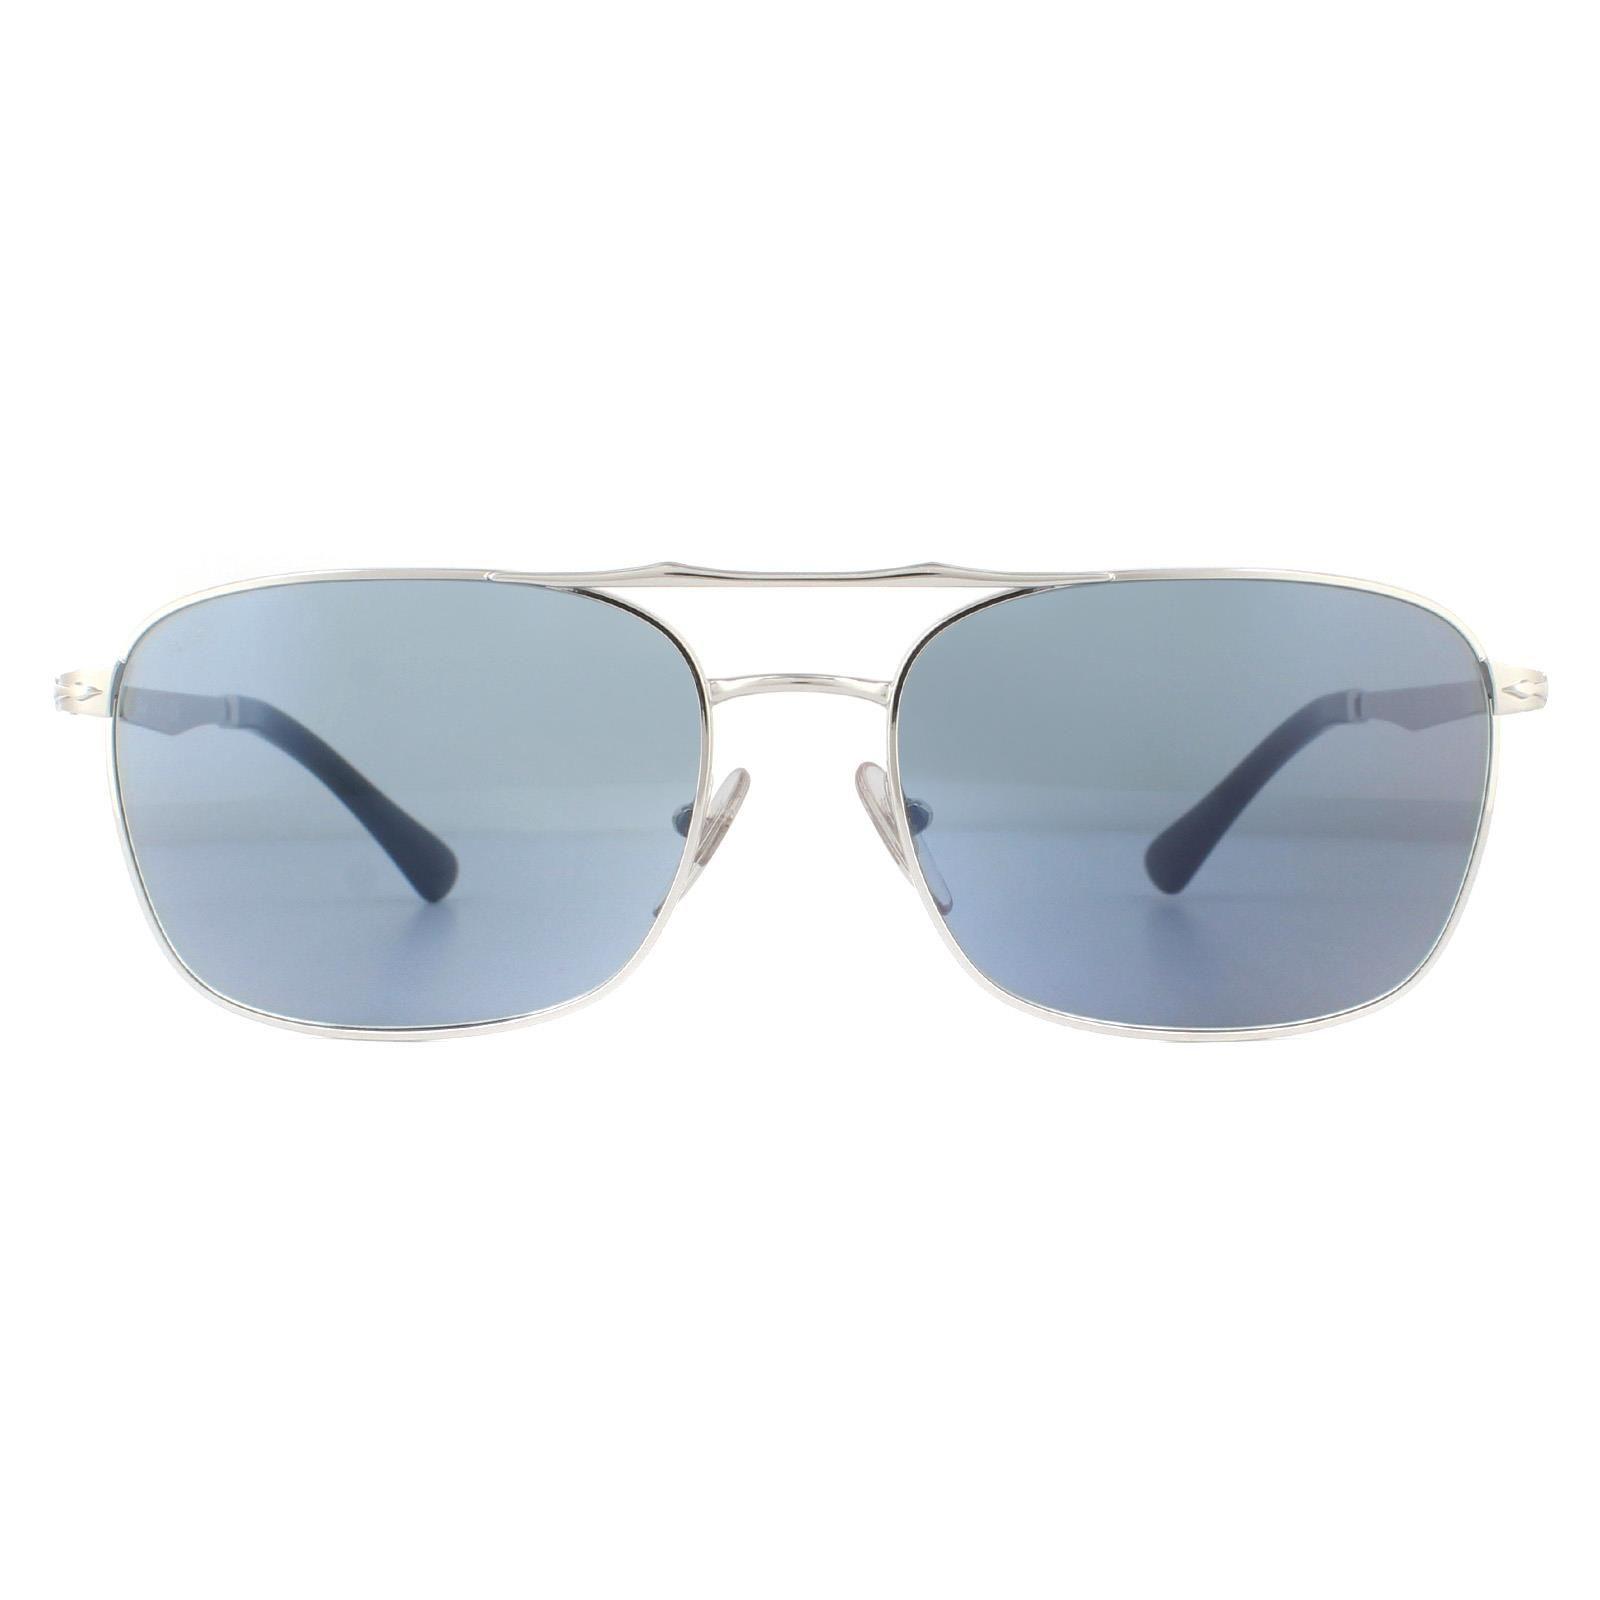 Persol Sunglasses PO2454S 518/56 Silver Light Blue